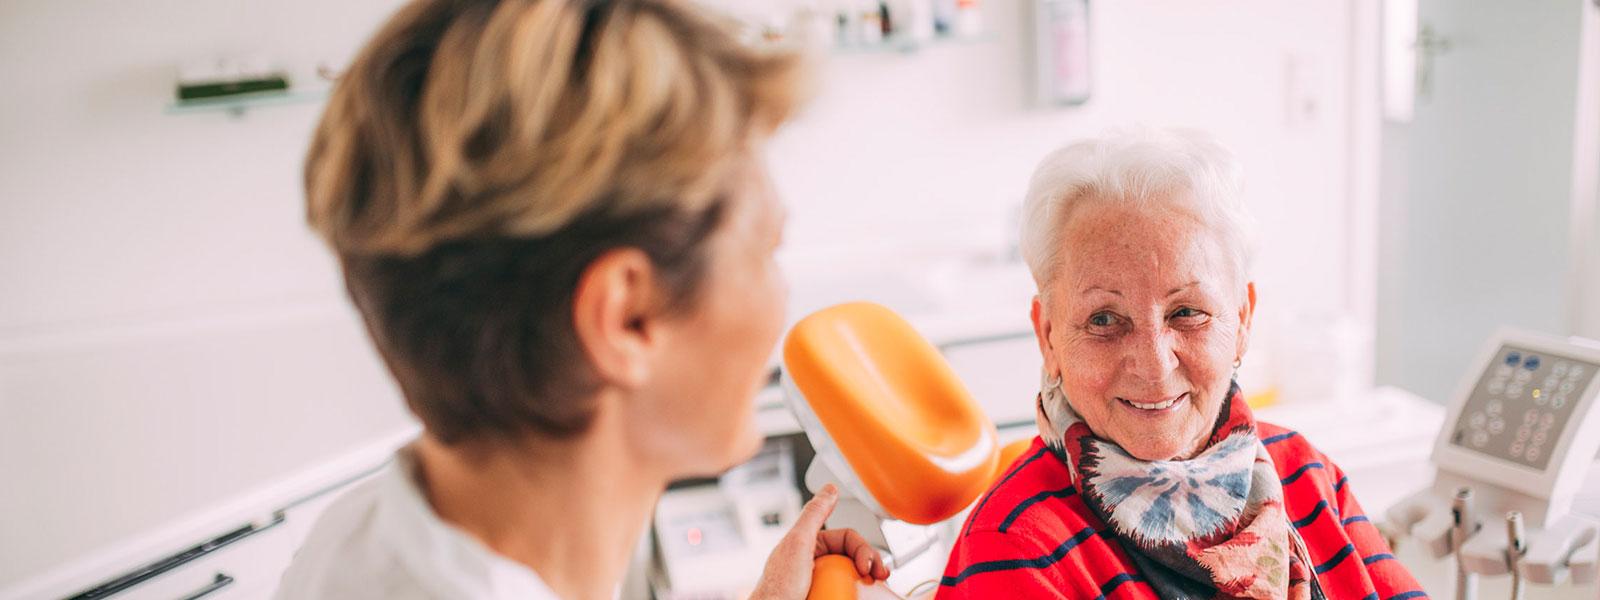 Zahnärztin Antje Stille aus Magdeburg unterhält sich mit Patientin über gesunde Zähne.